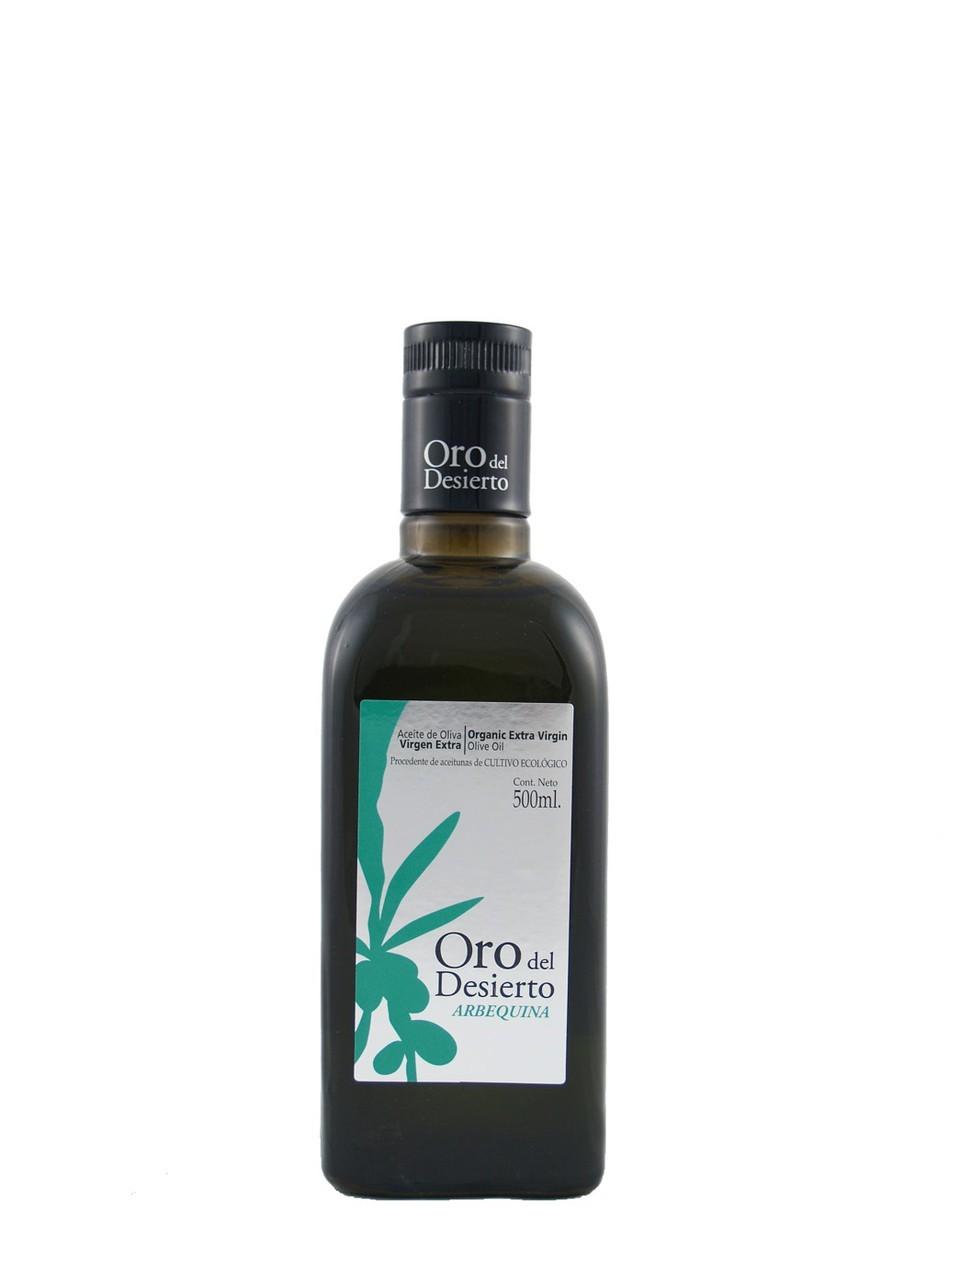 Ekologiškas ypač tyras alyvuogių aliejus ARBEQUINA ORO DEL DESIERTO, 500ml